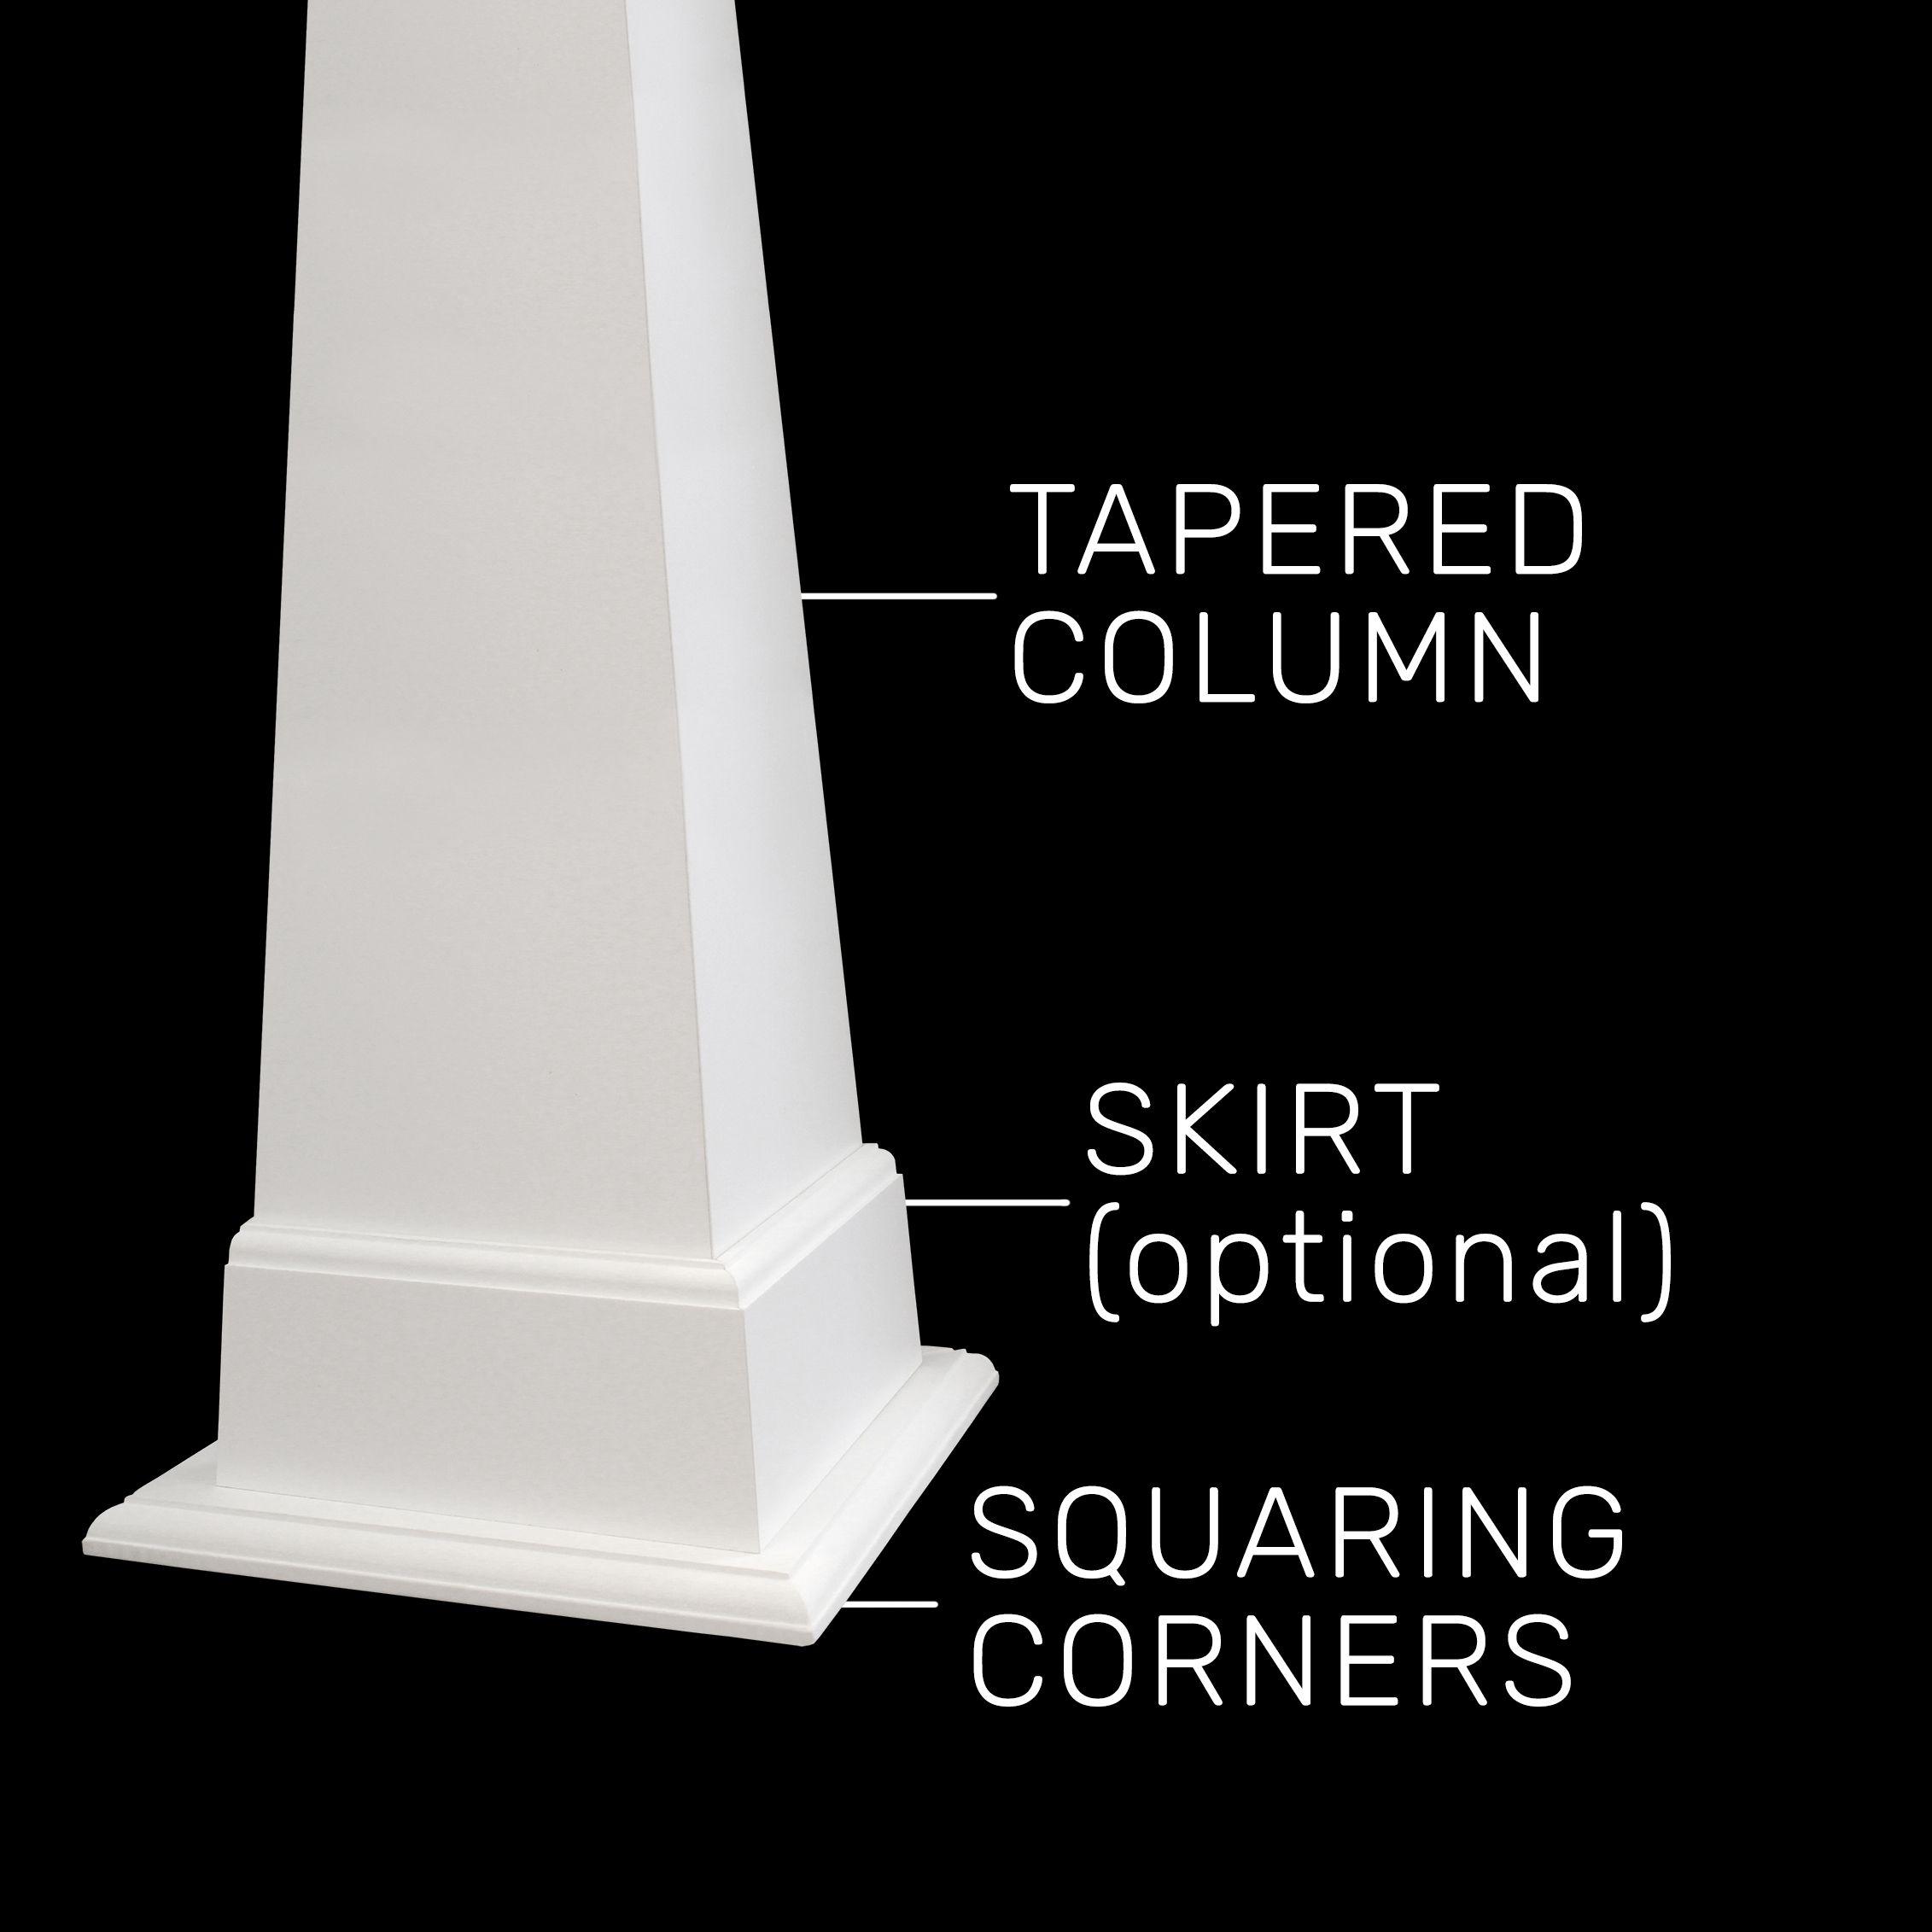 Versatex Pvc Column Wraps Pvc Column Wraps Column Wraps Column Wrap